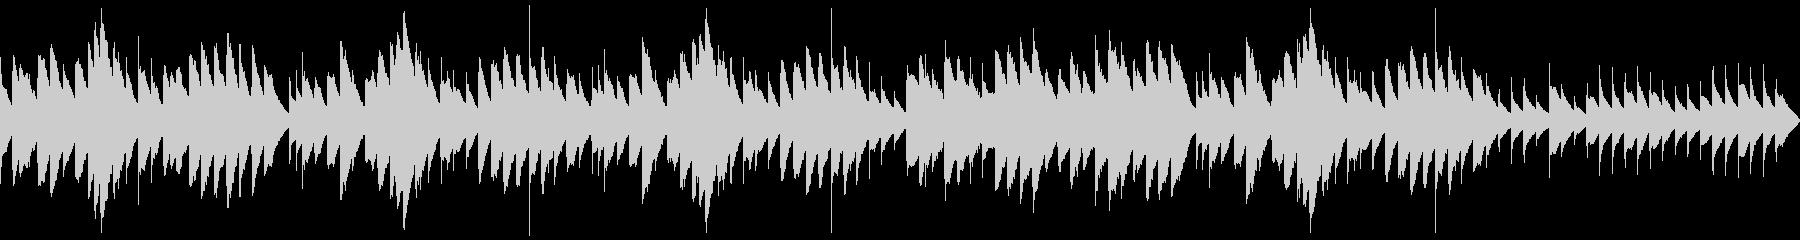 三拍子のマイナー調オルゴールの未再生の波形